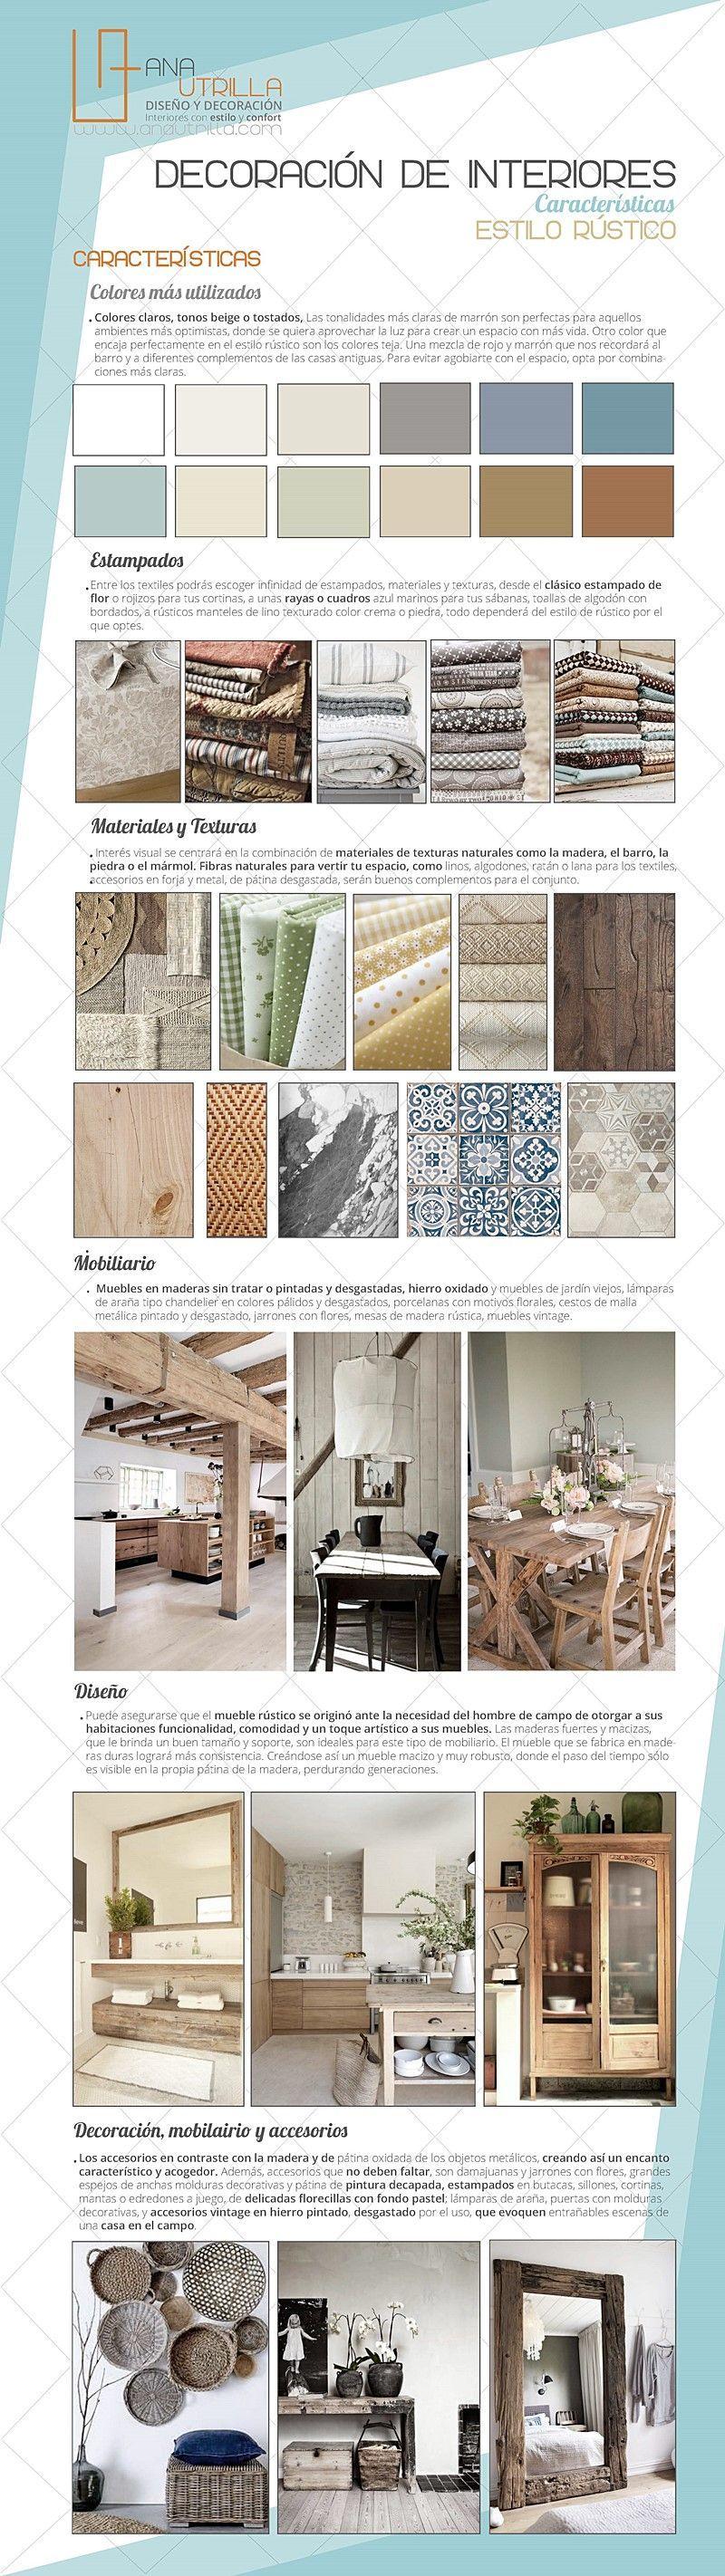 Estilo r stico en decoraci n de interiores dise o de for Estilo moderno diseno de interiores caracteristicas